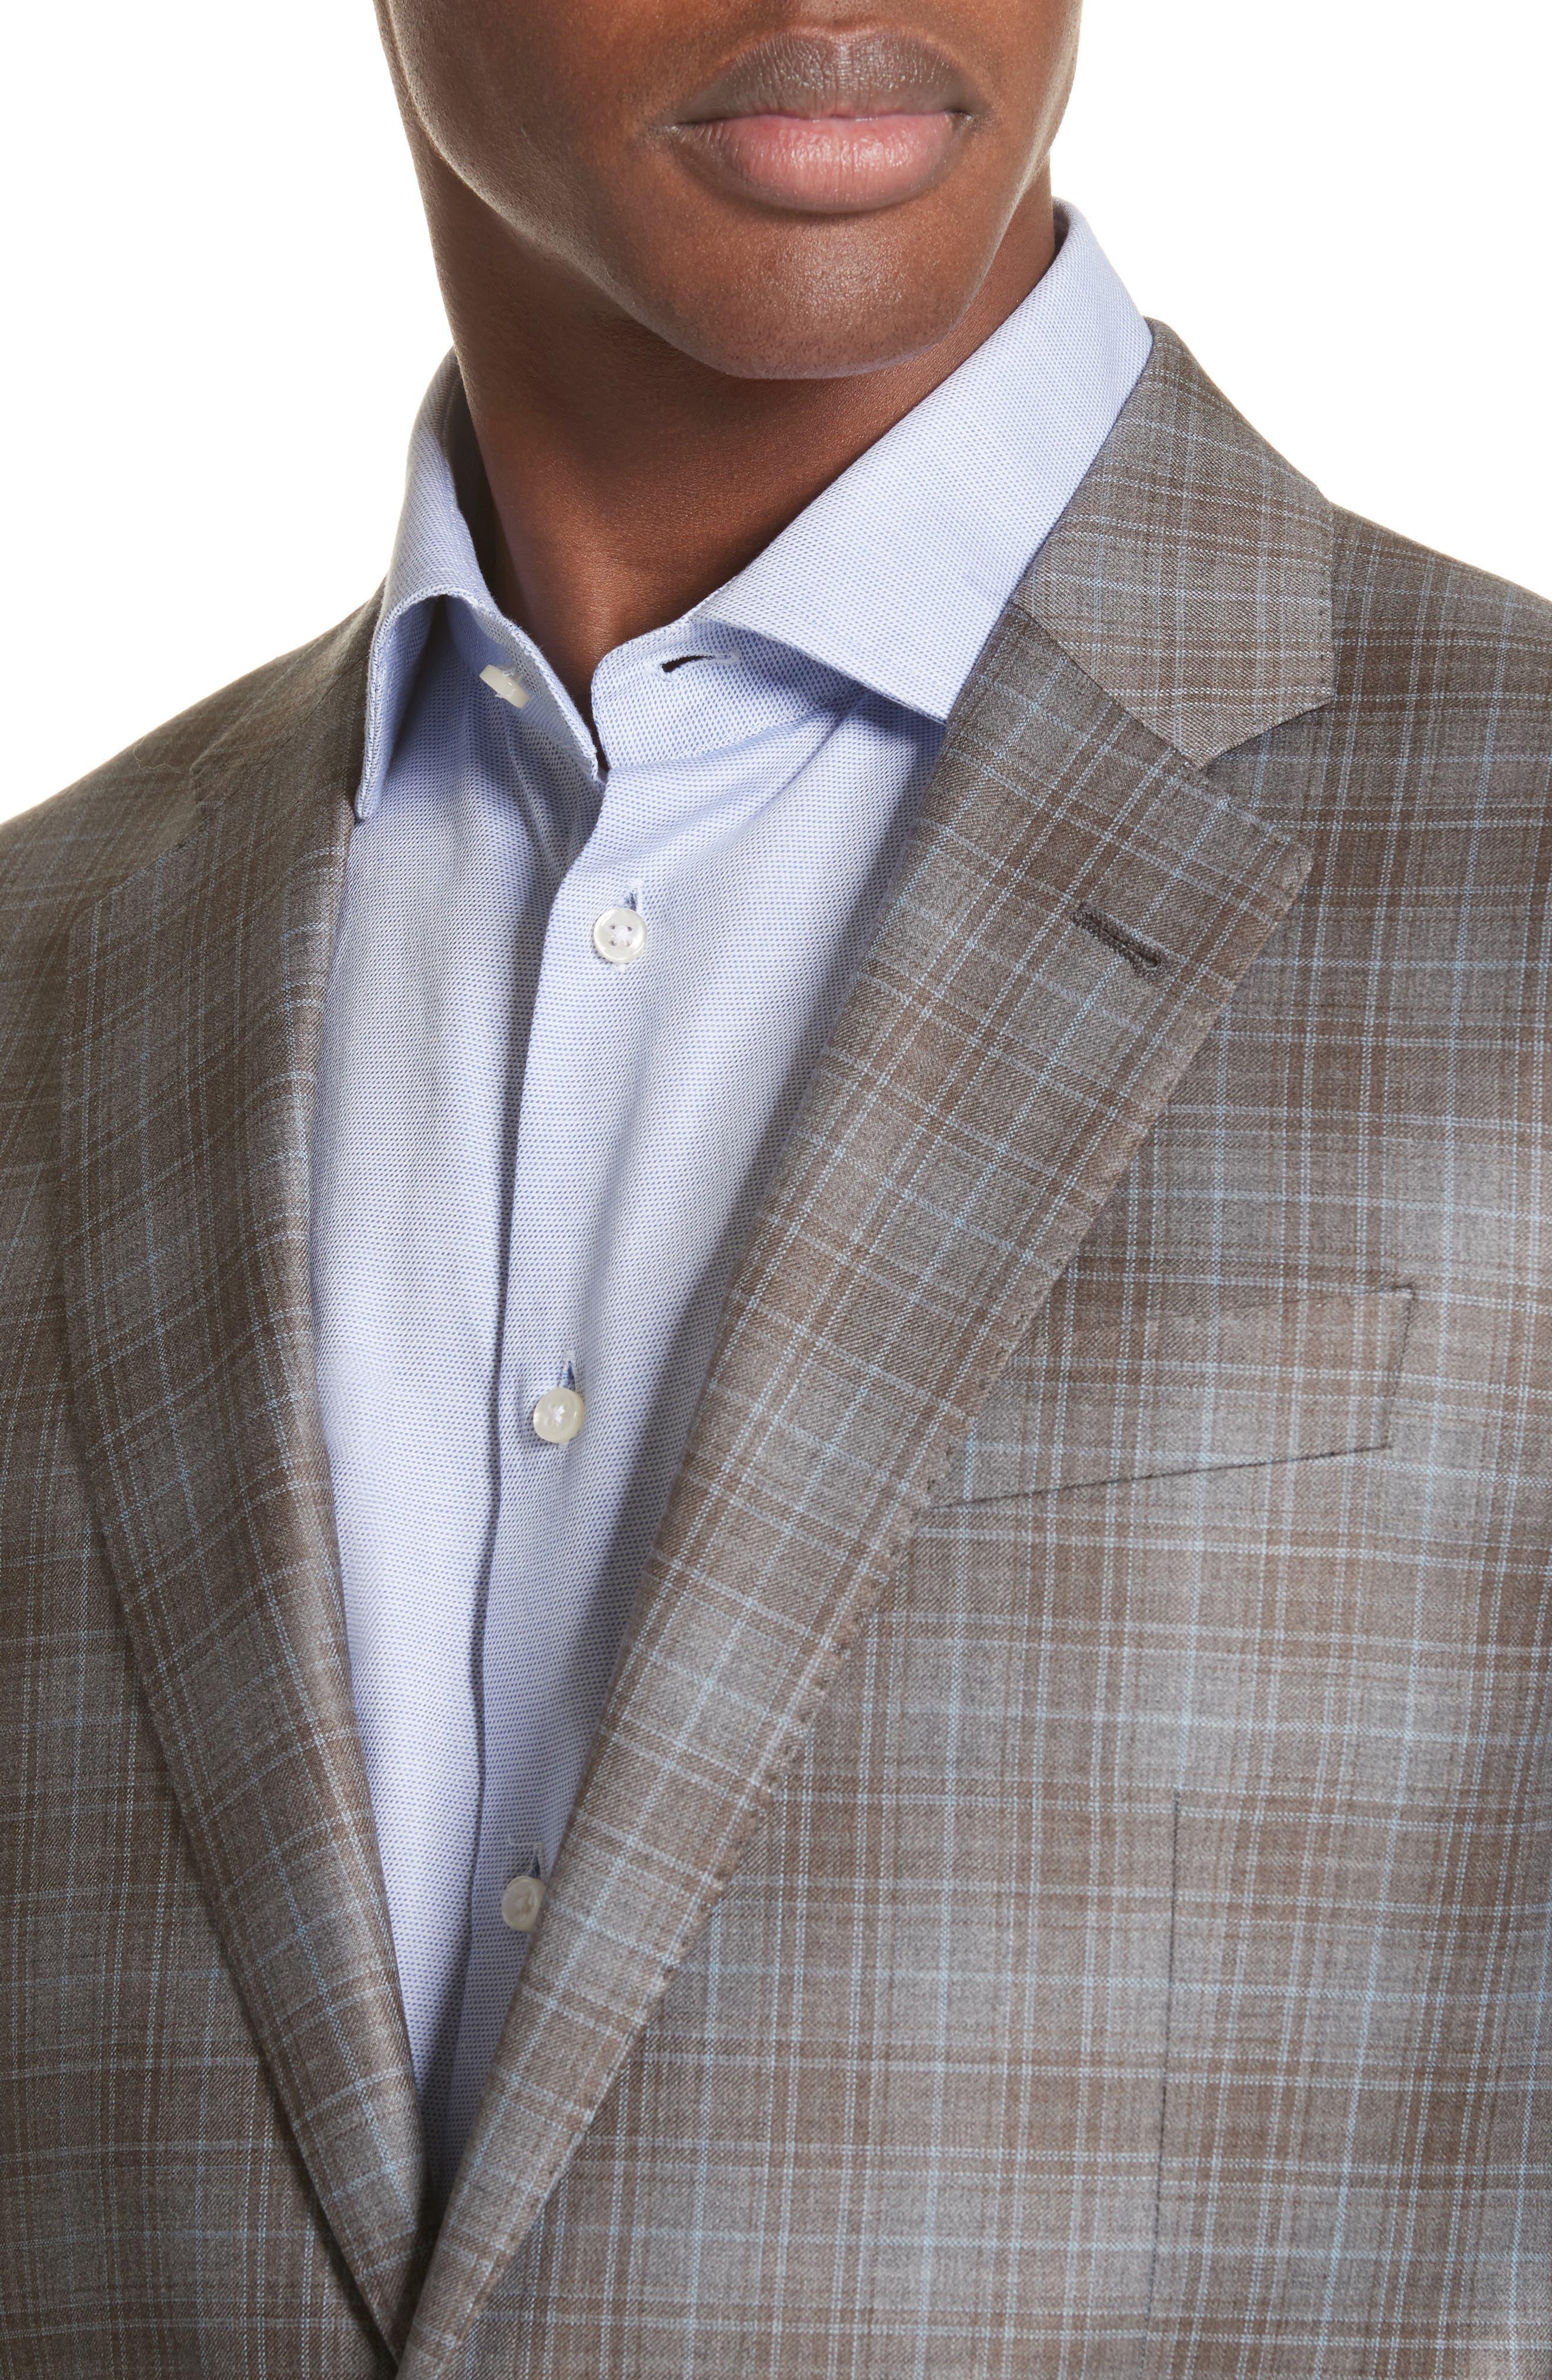 G-Line Trim Fit Plaid Wool Sport Coat,                             Alternate thumbnail 4, color,